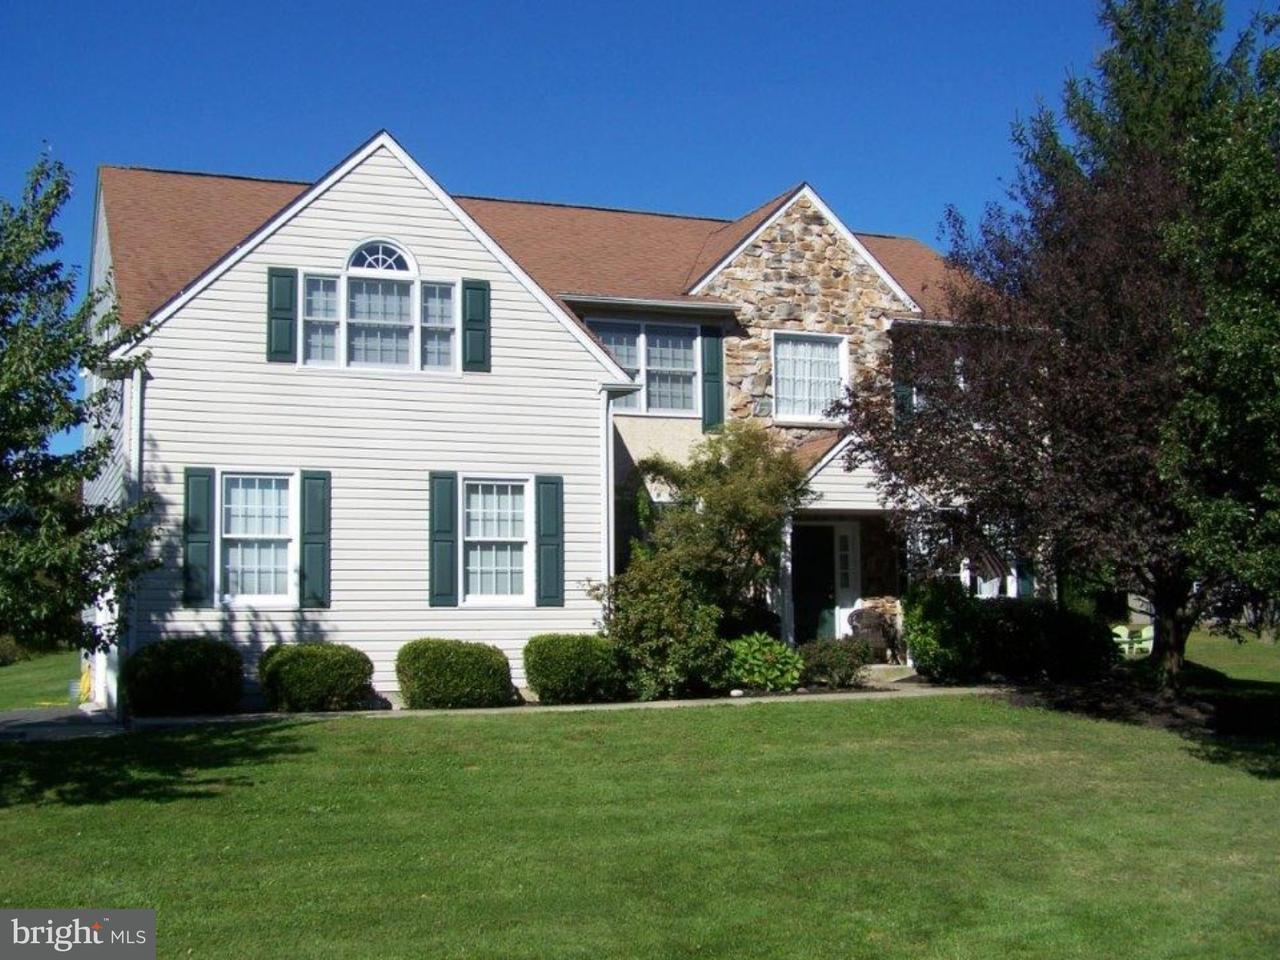 Maison unifamiliale pour l Vente à 5 VOUDY Road Telford, Pennsylvanie 18969 États-Unis